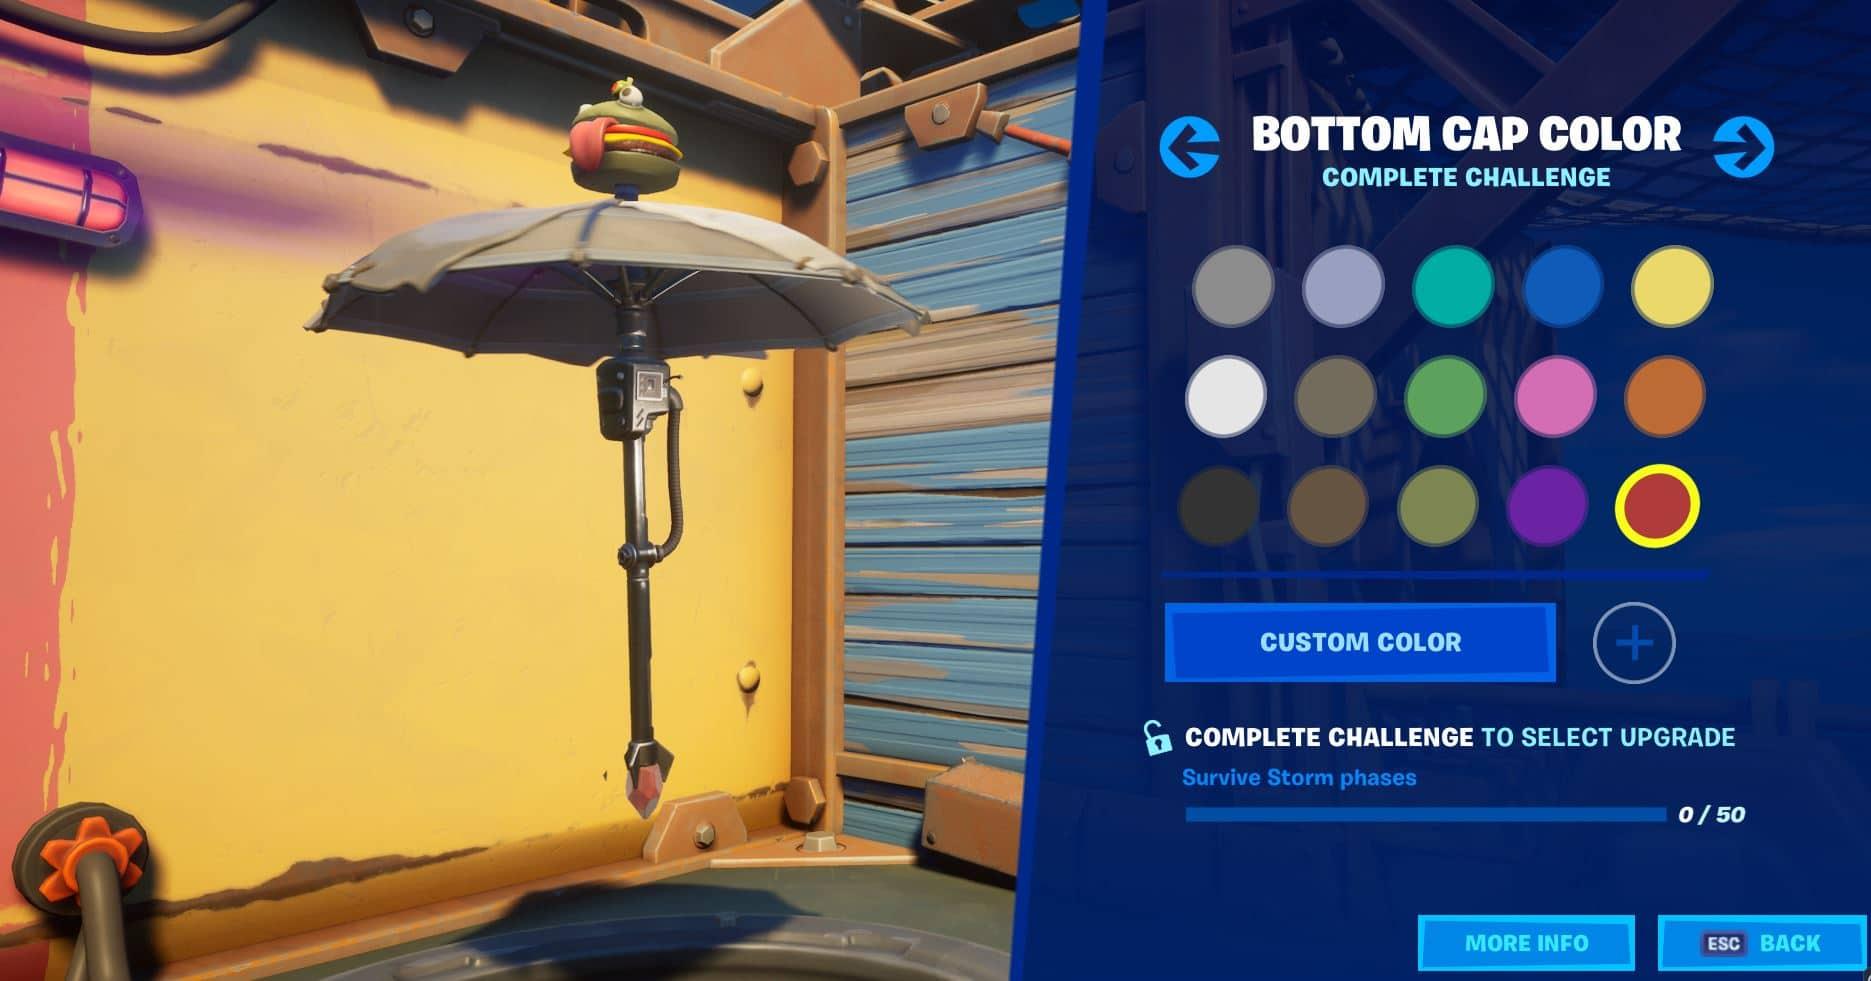 Fortnite Build a Brella Bottom Cap Color Challenge